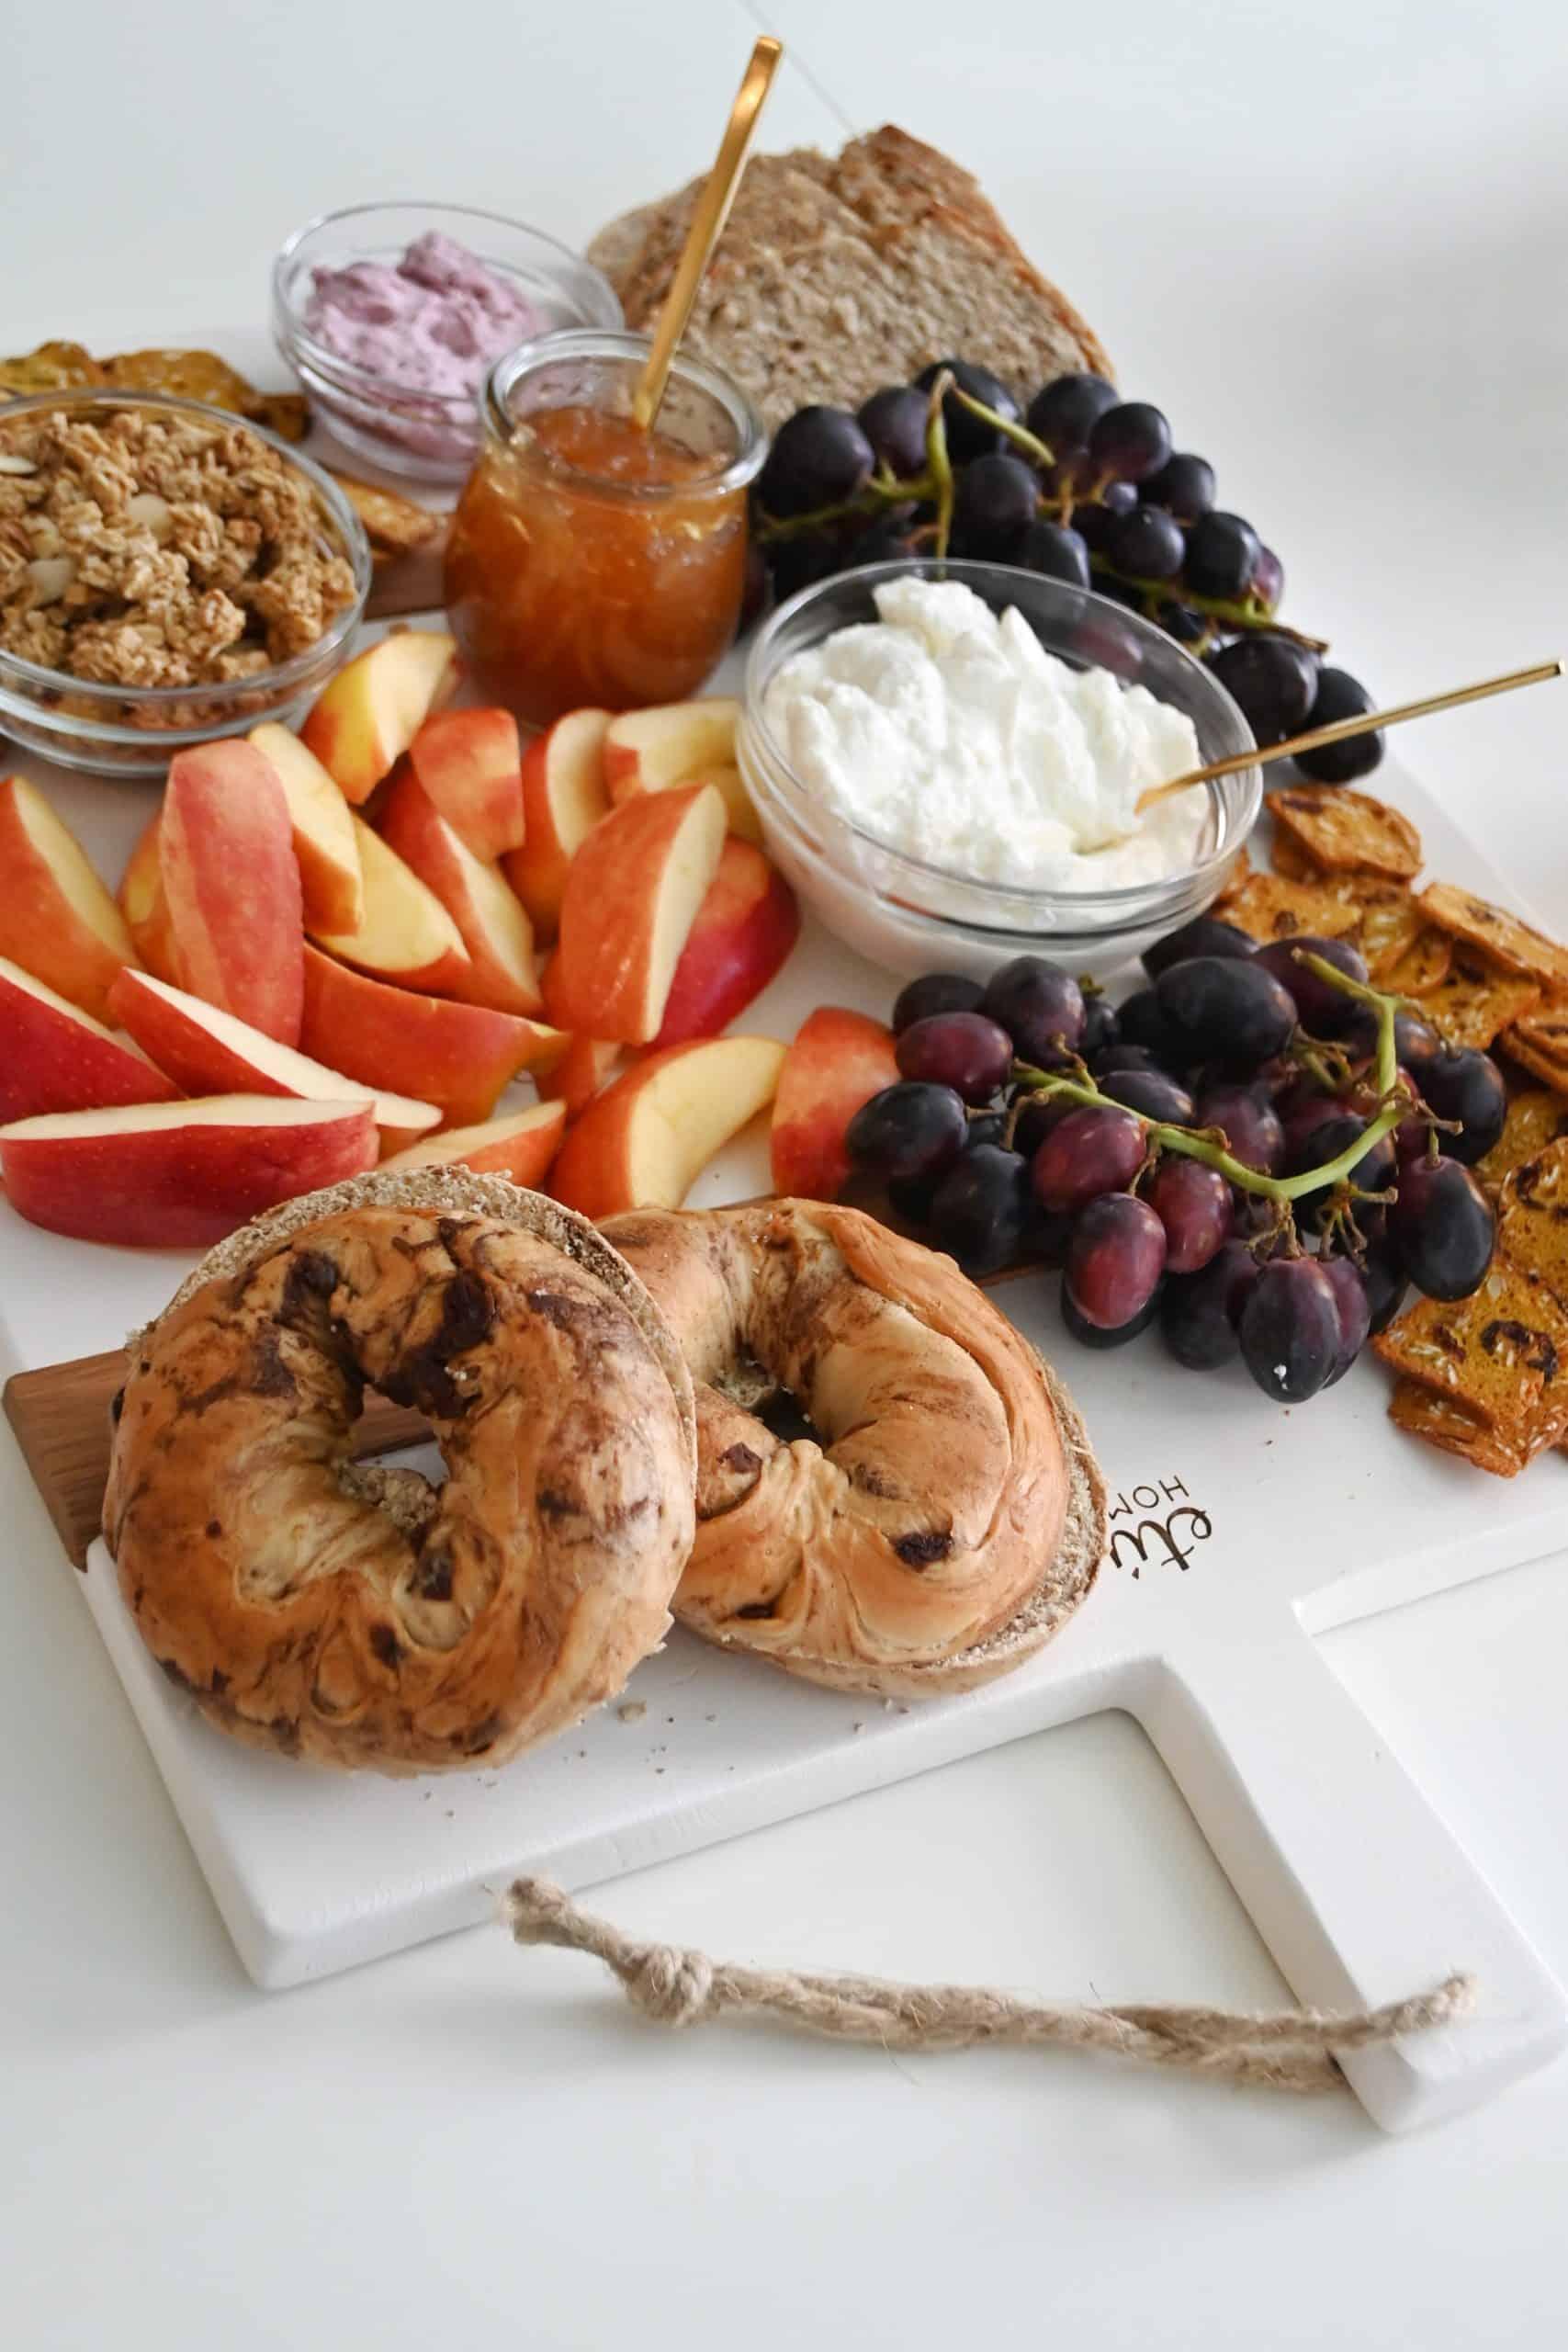 Breakfast board on table